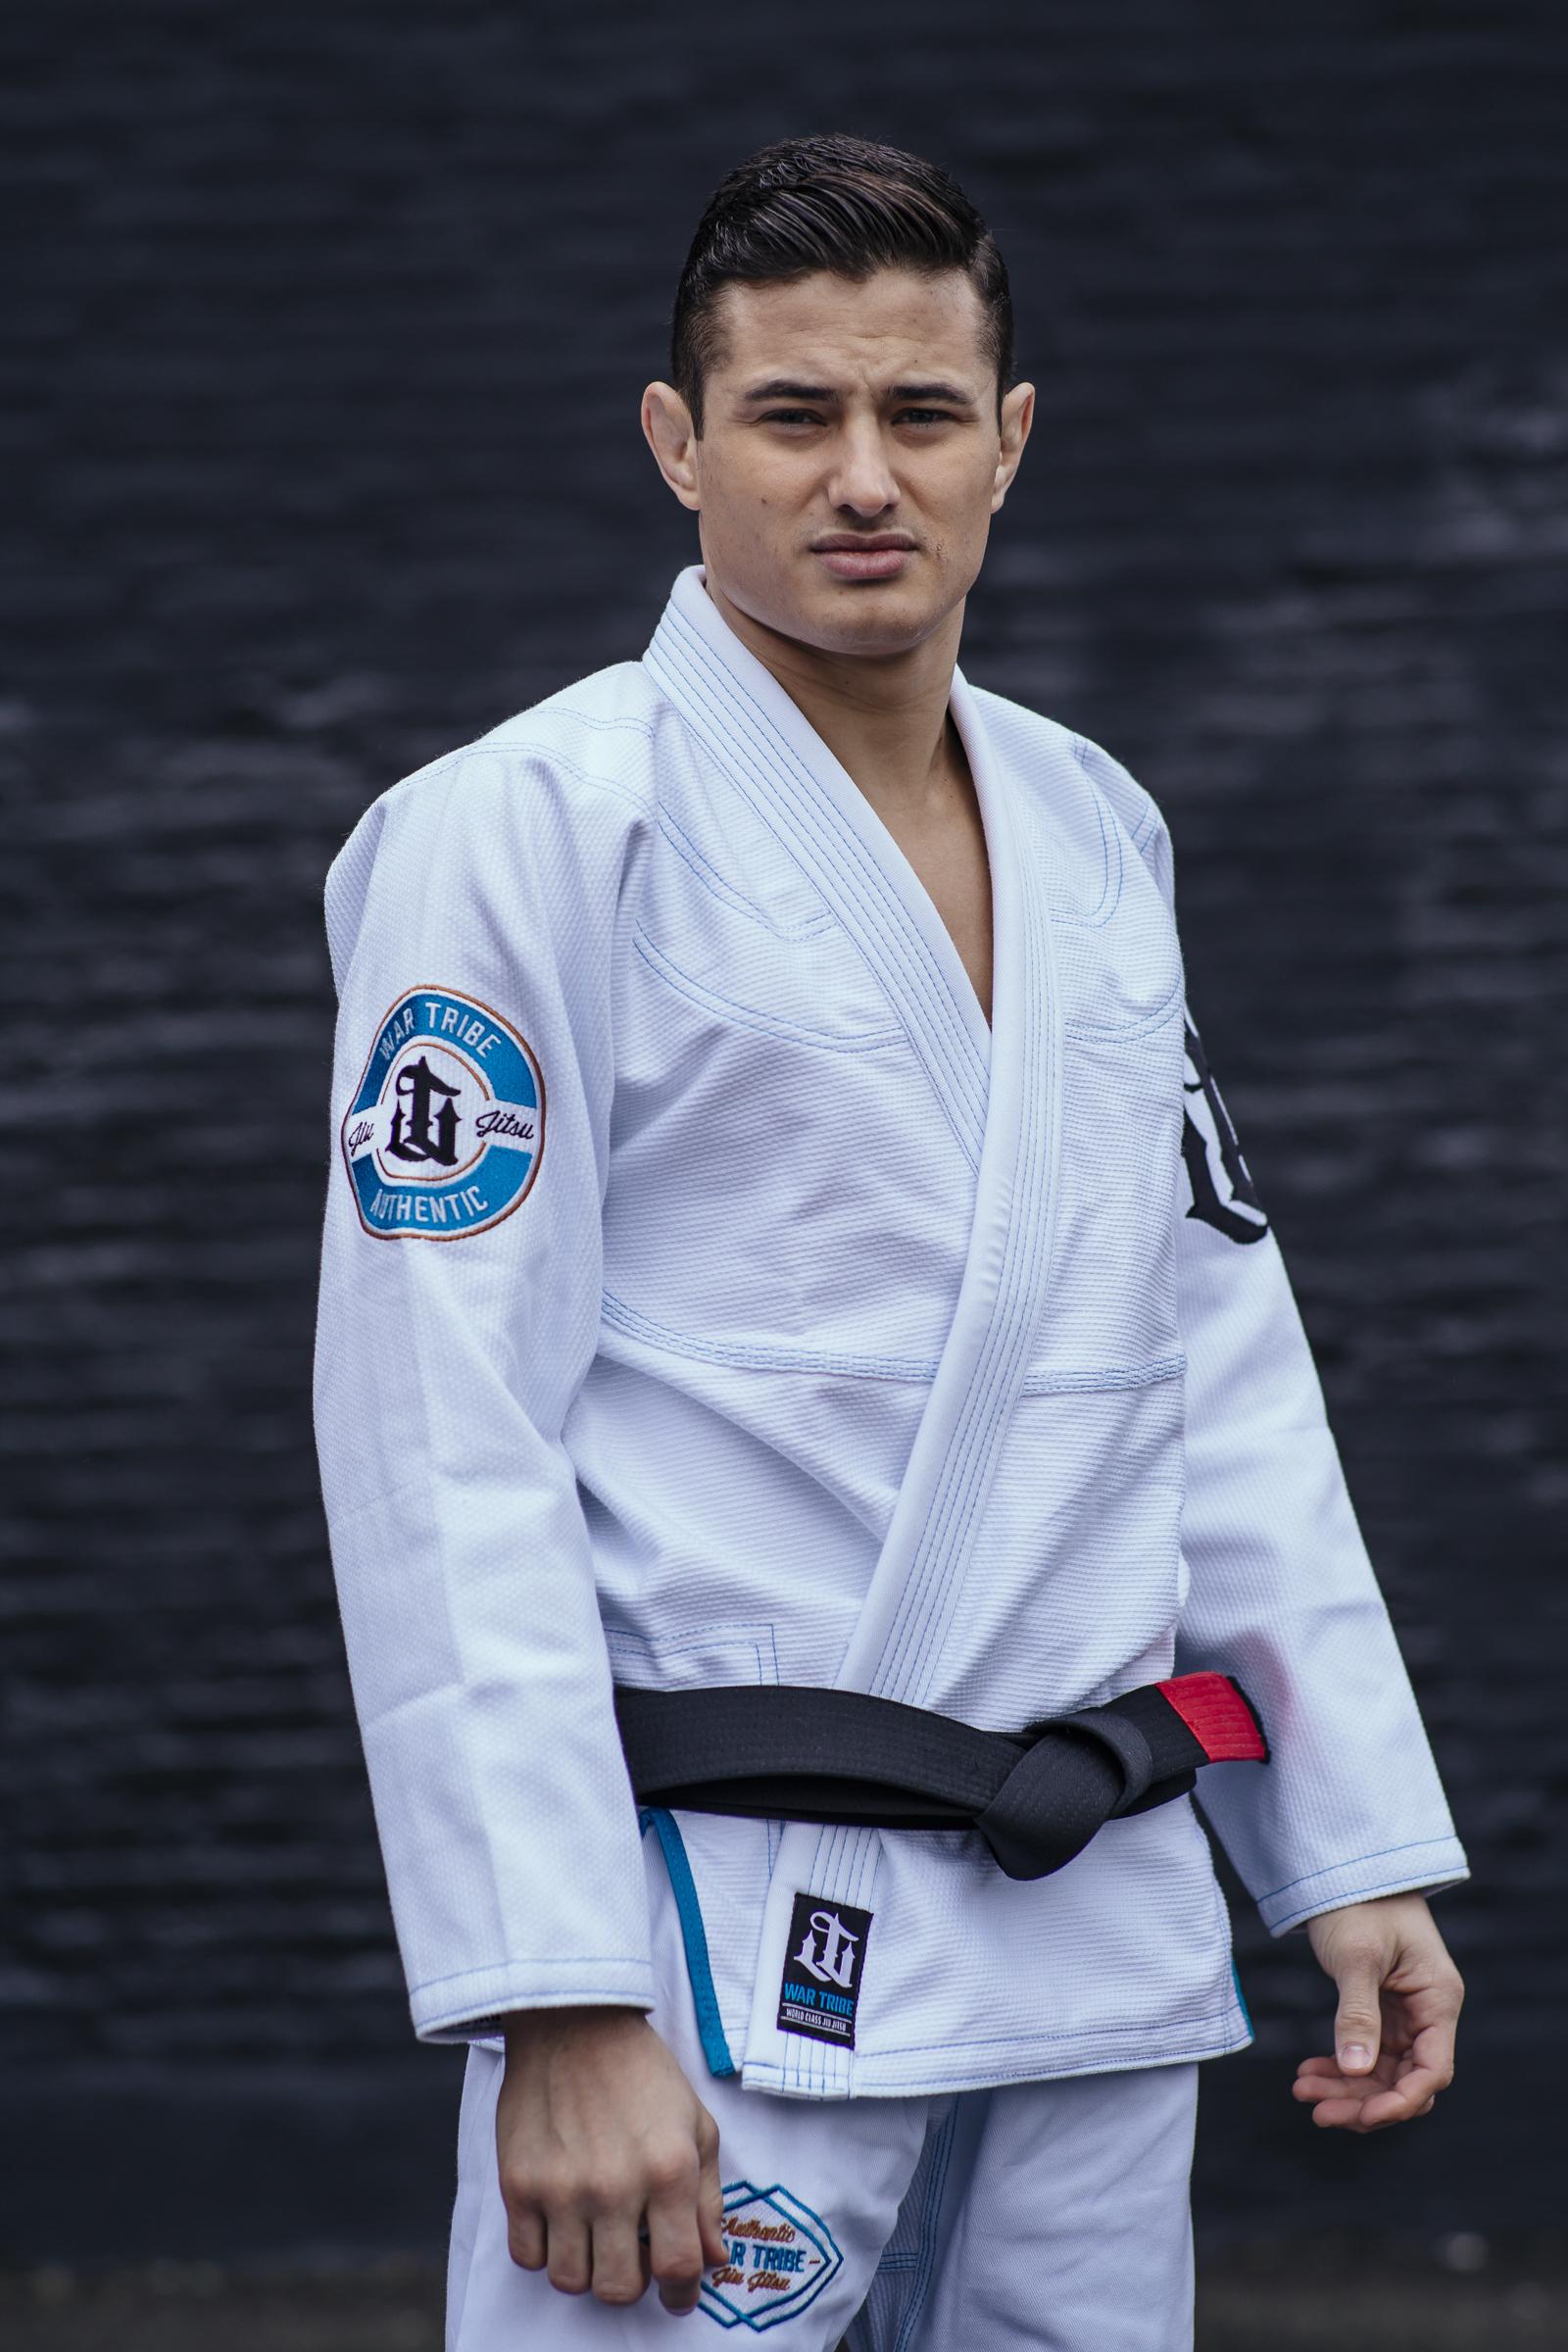 WAR TRIBE GEAR LEGACY 柔術衣 ホワイト ブラジリアン柔術衣(柔術着)